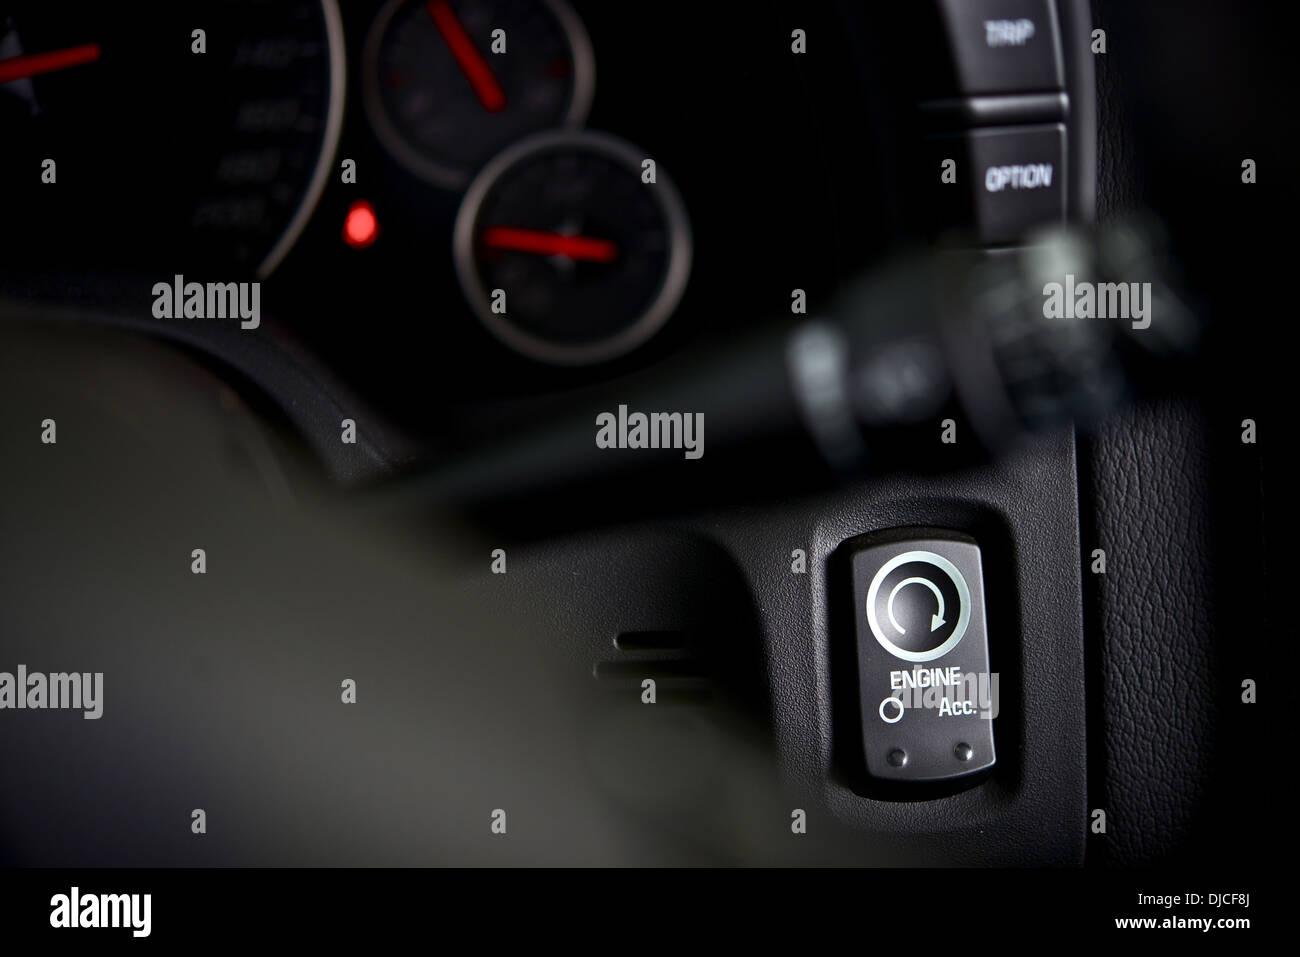 Gt Car Stock Photos Amp Gt Car Stock Images Alamy